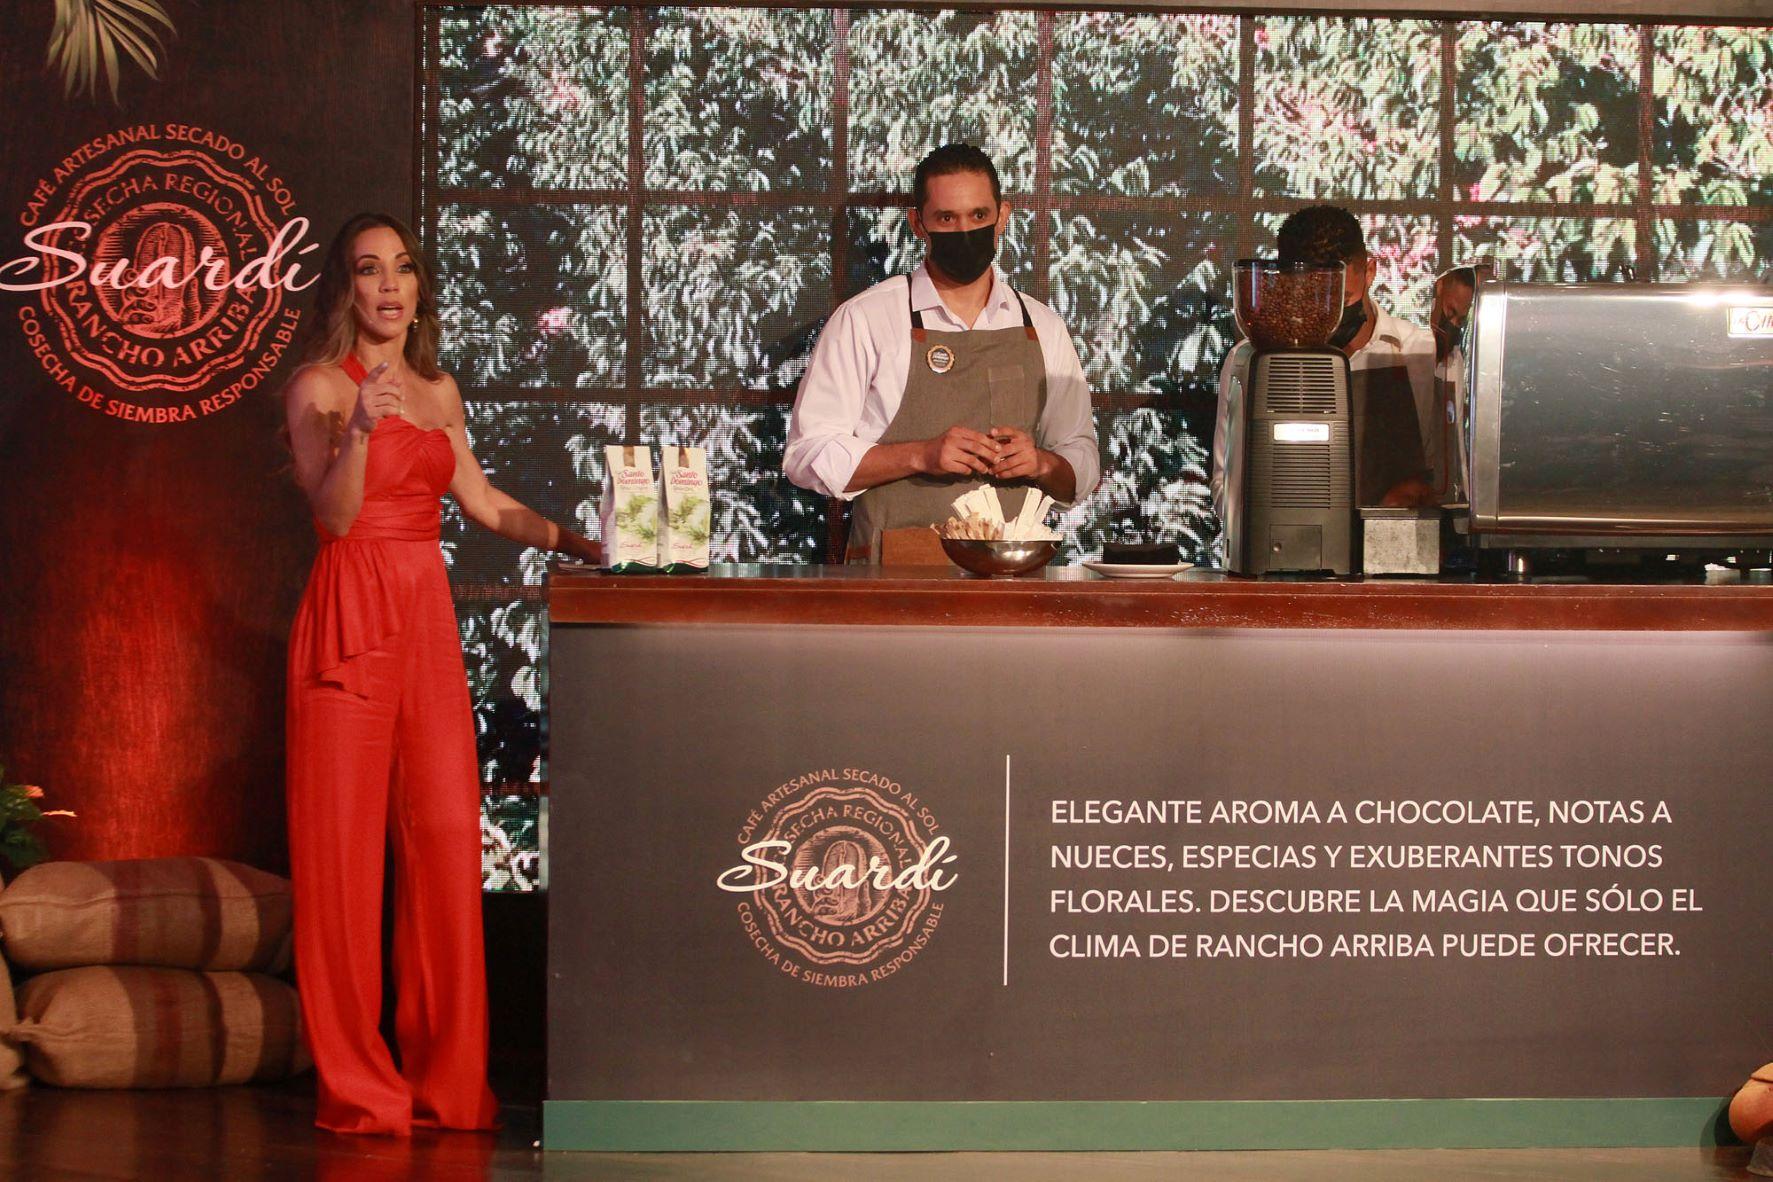 Café Santo Domingo celebra sus 75 años con el lanzamiento de tres nuevos productos.